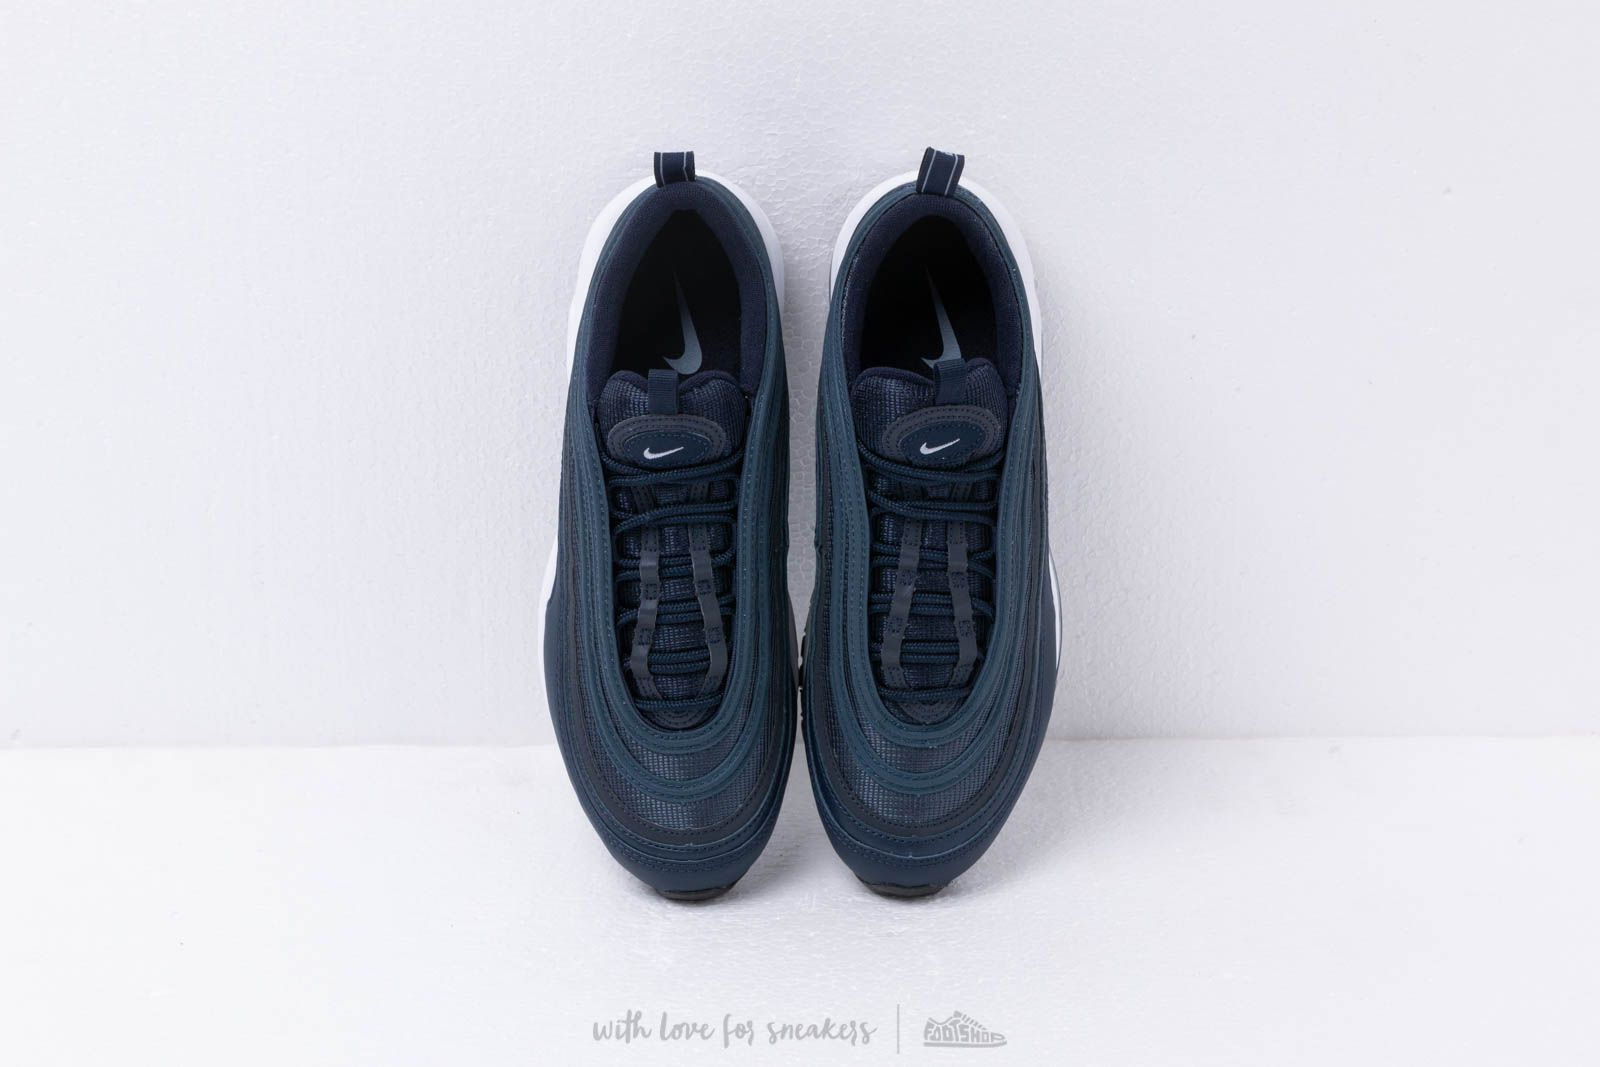 Nike Air Max 97 Essential Obsidian Obsidian Mist Monsoon Blue | Footshop